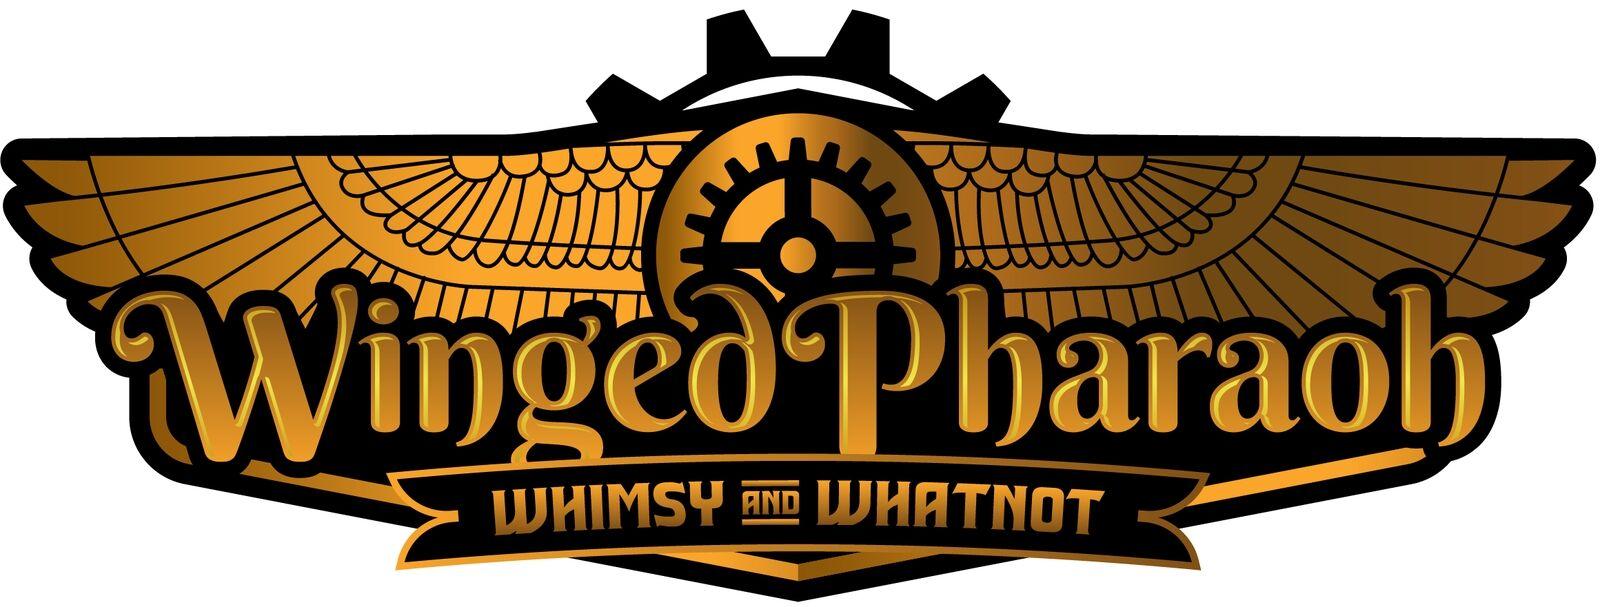 Winged Pharaoh